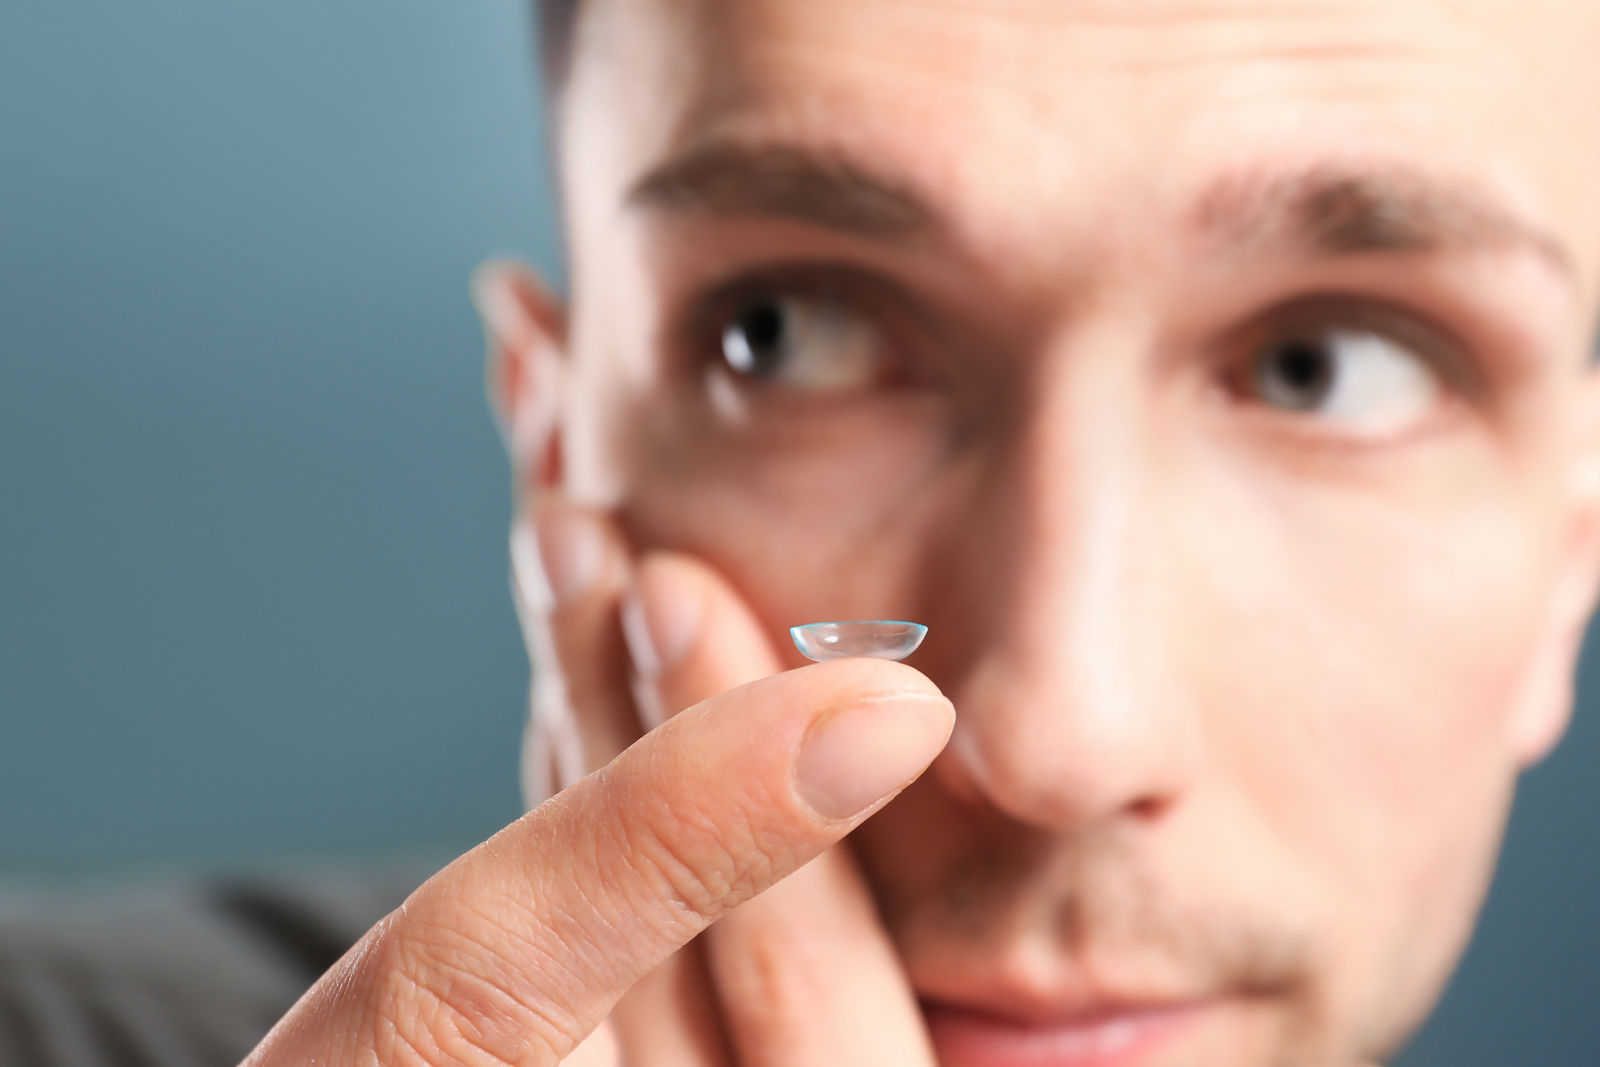 подросток парень снимает контактные линзы